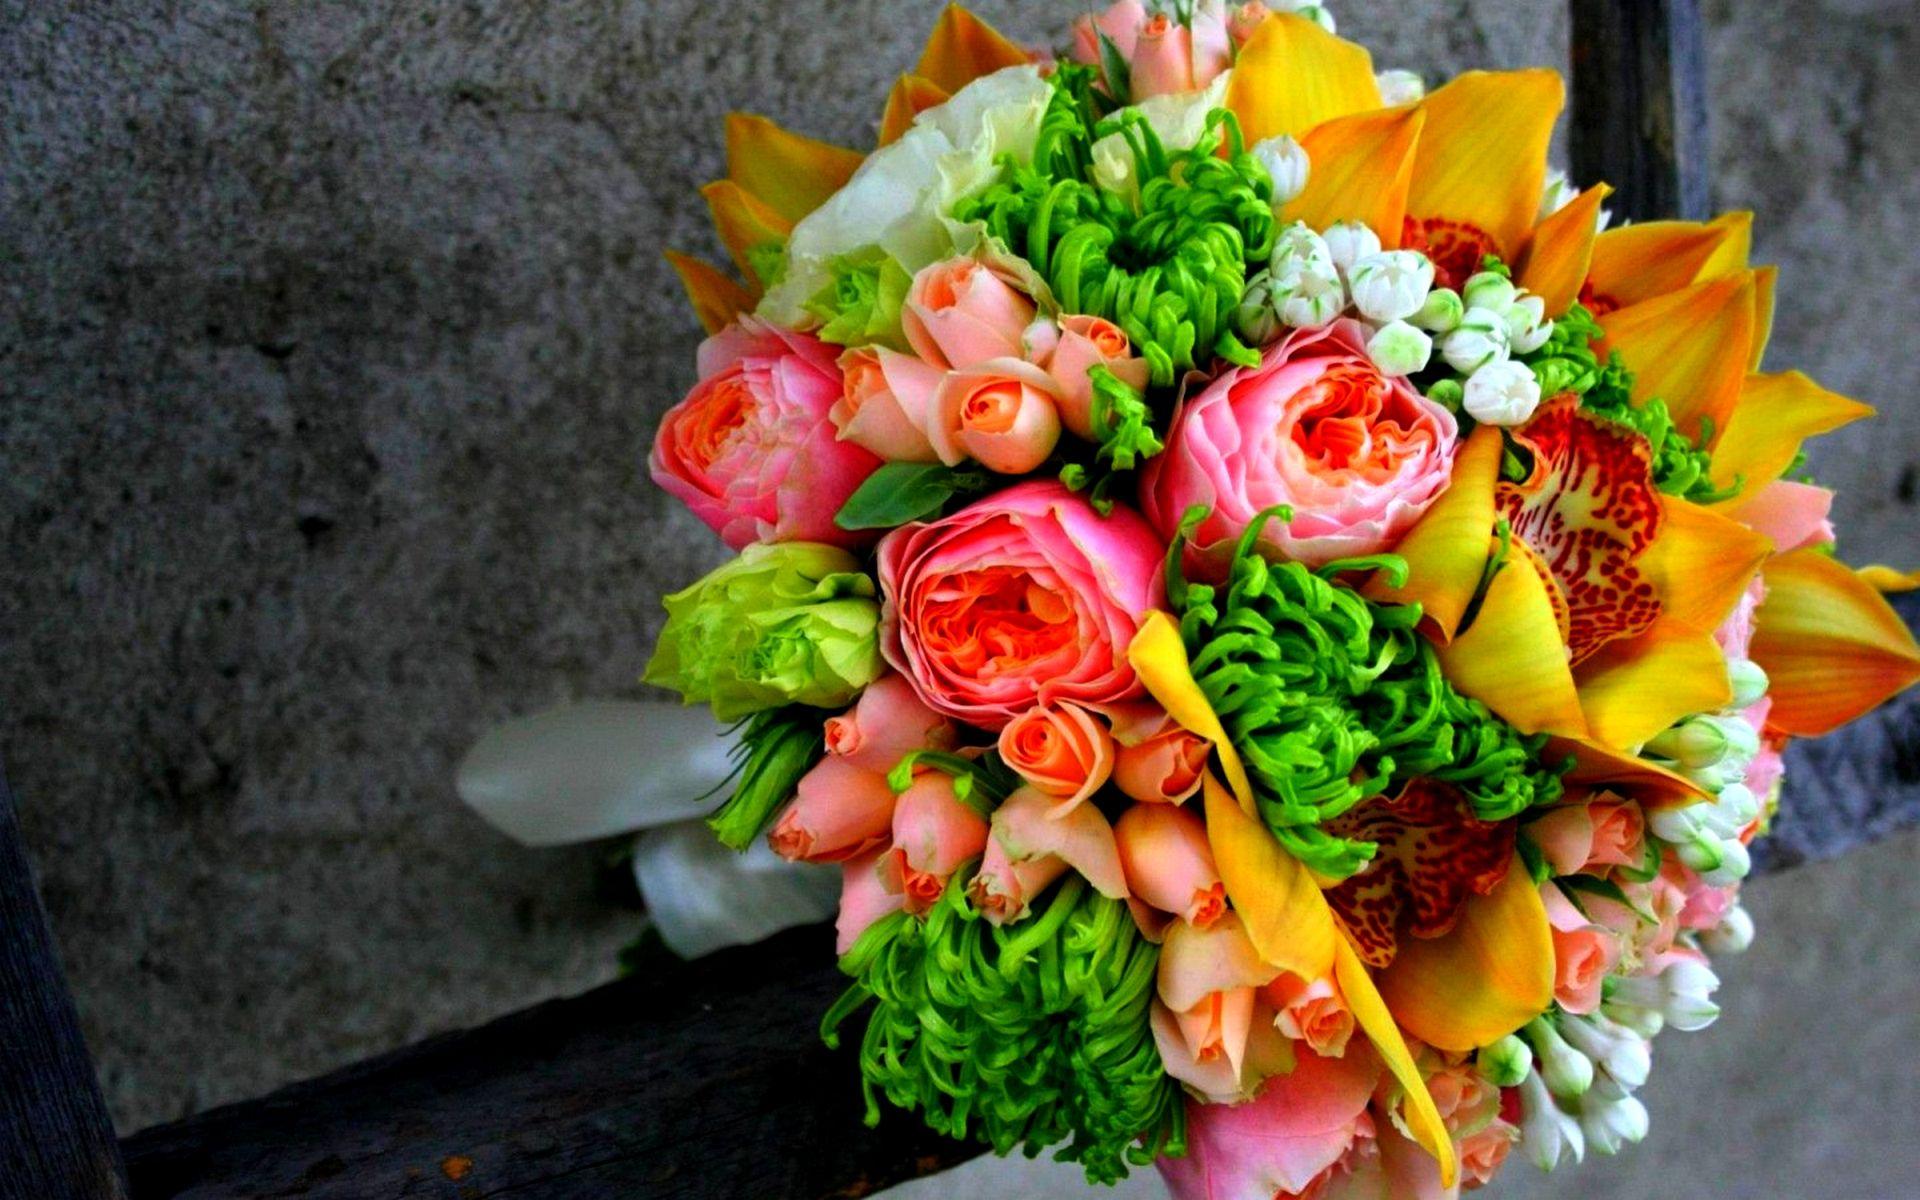 Pin By Www Dealvoucherz Com On Dealvoucherz Uk Flower Bouquet